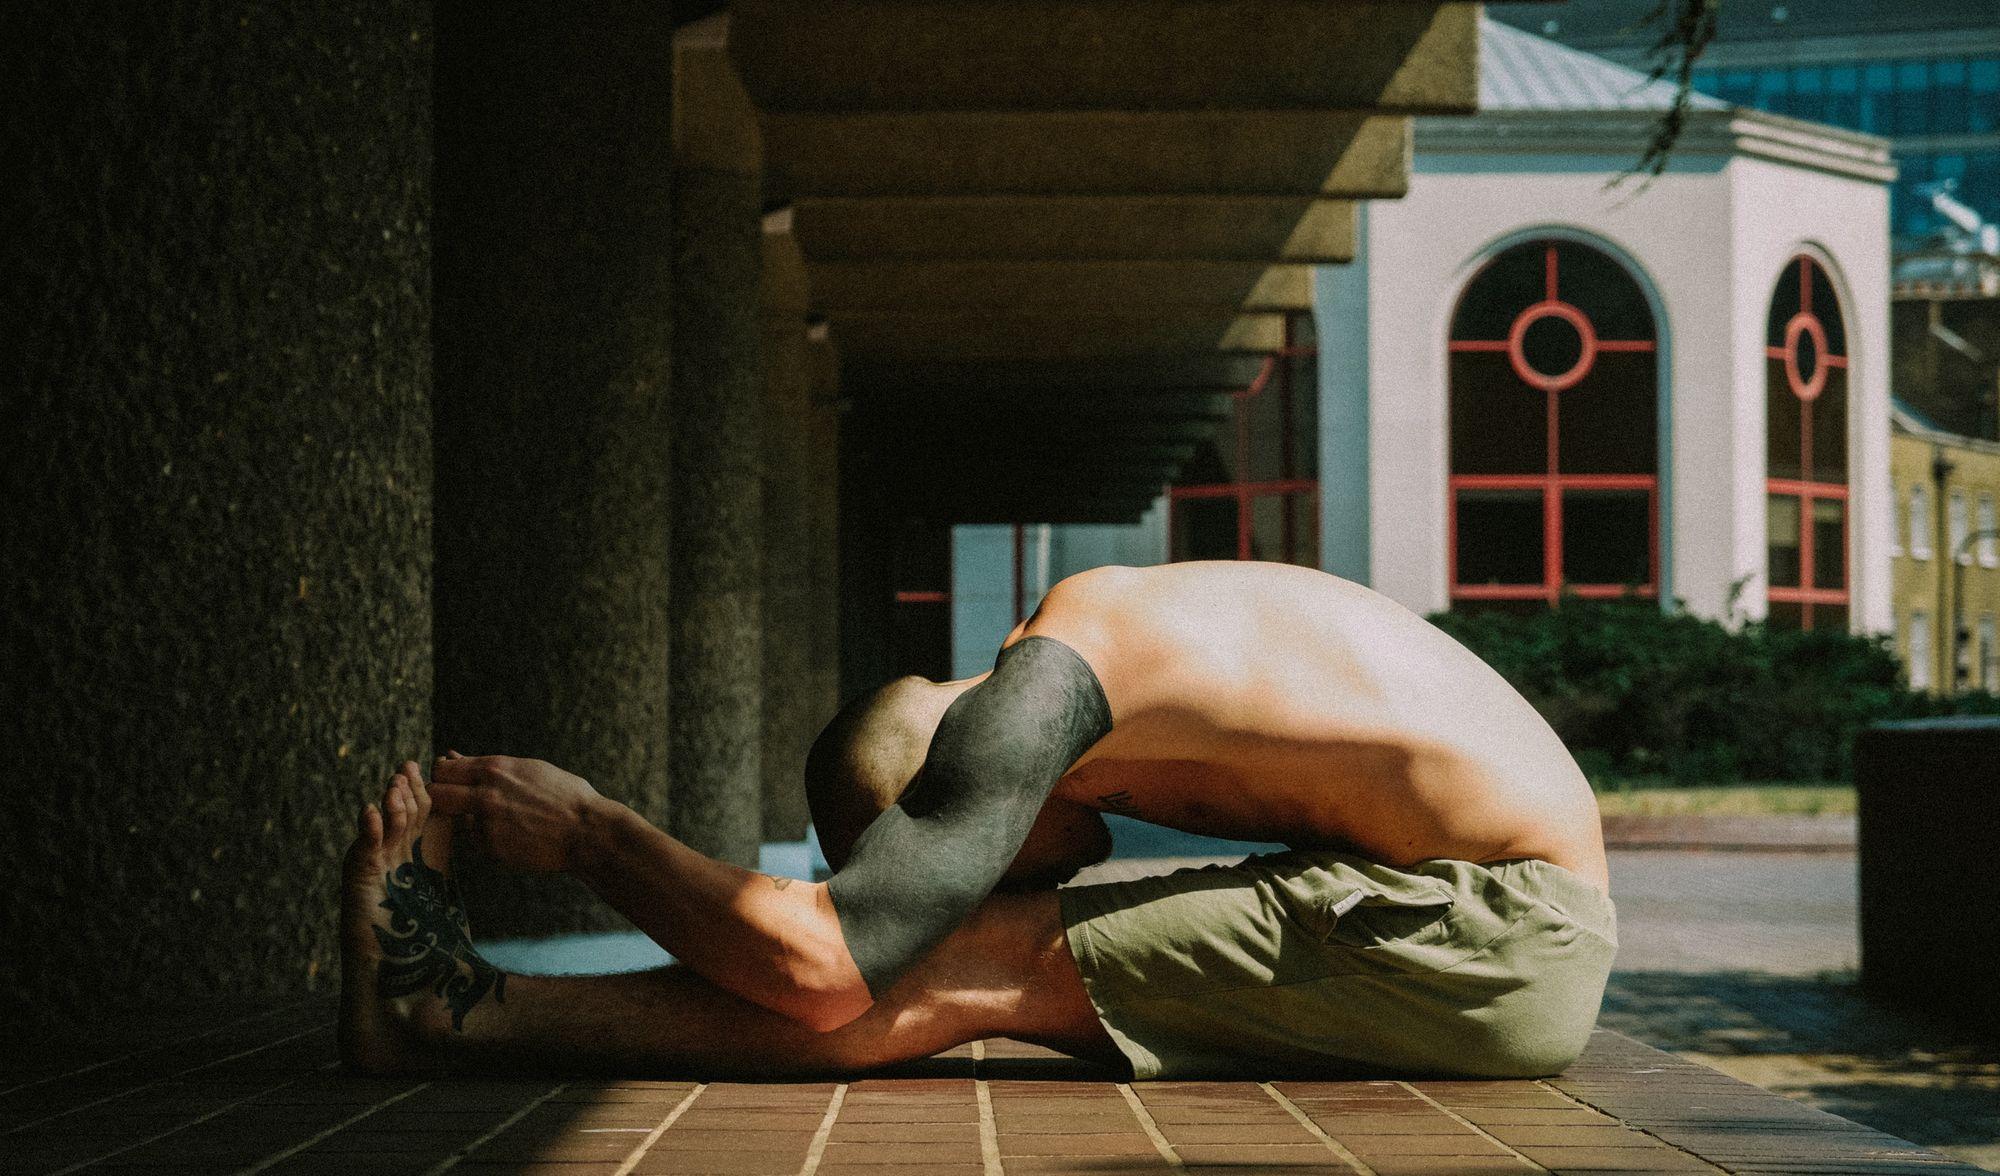 योगा के इन 3 पोज़ को अपनाएंगे तो प्रीमेच्योर इजेकुलेशन में मिलेगा आराम, जानें तरीका